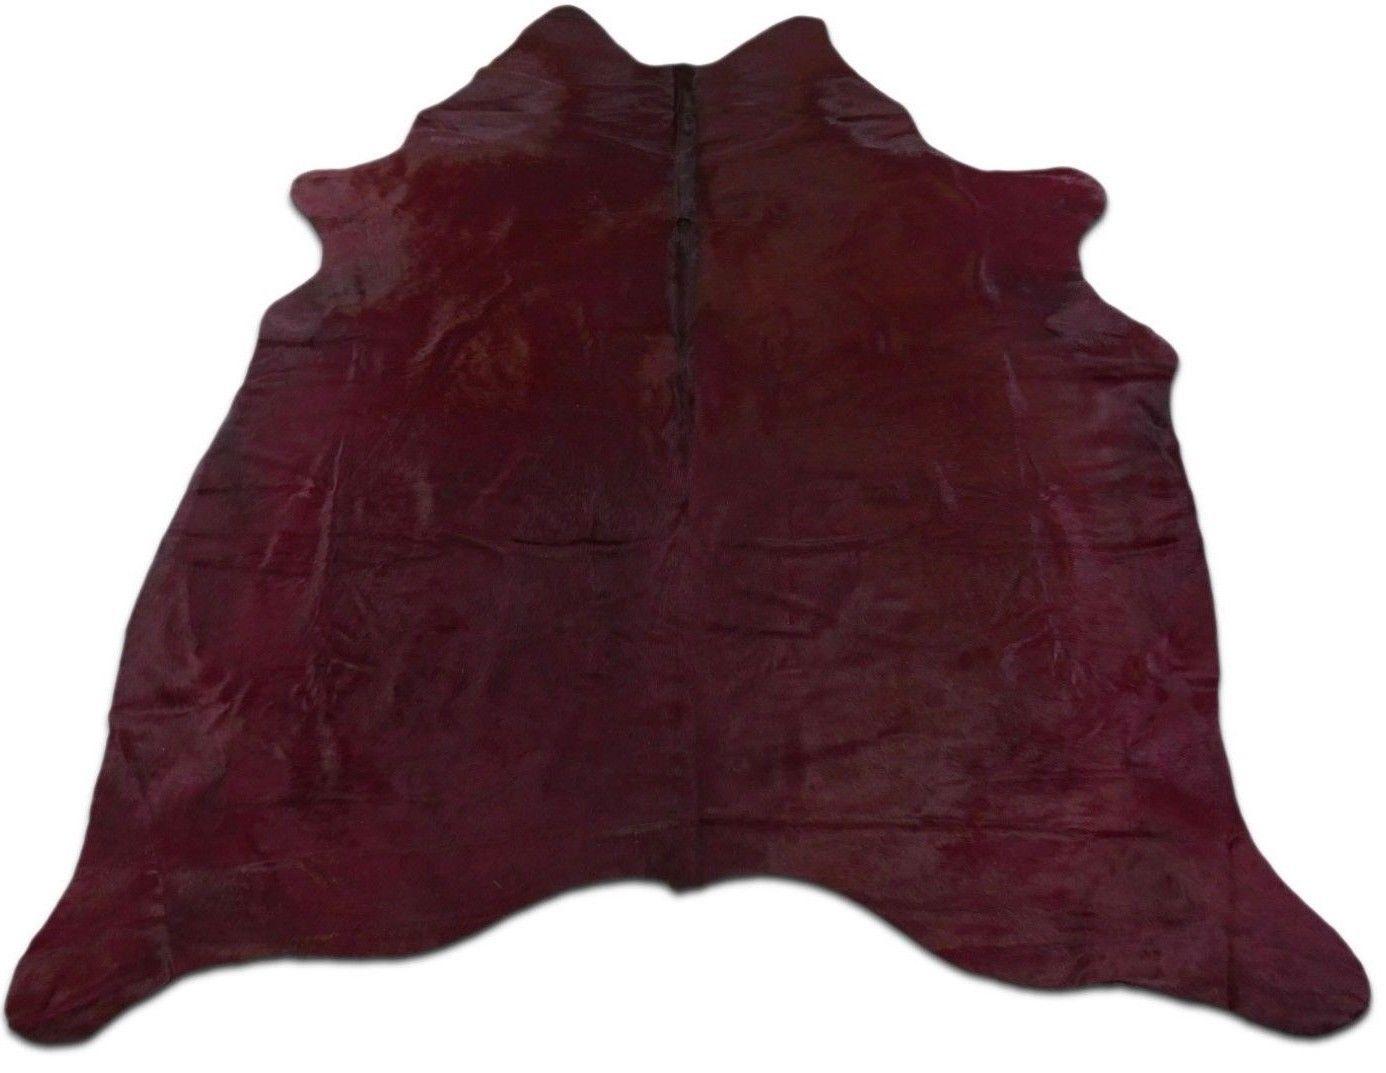 Burgundy Cowhide Rug Size: 6.4' X 6.4' ft Dyed Burgundy Cowhide Skin Rug M-022